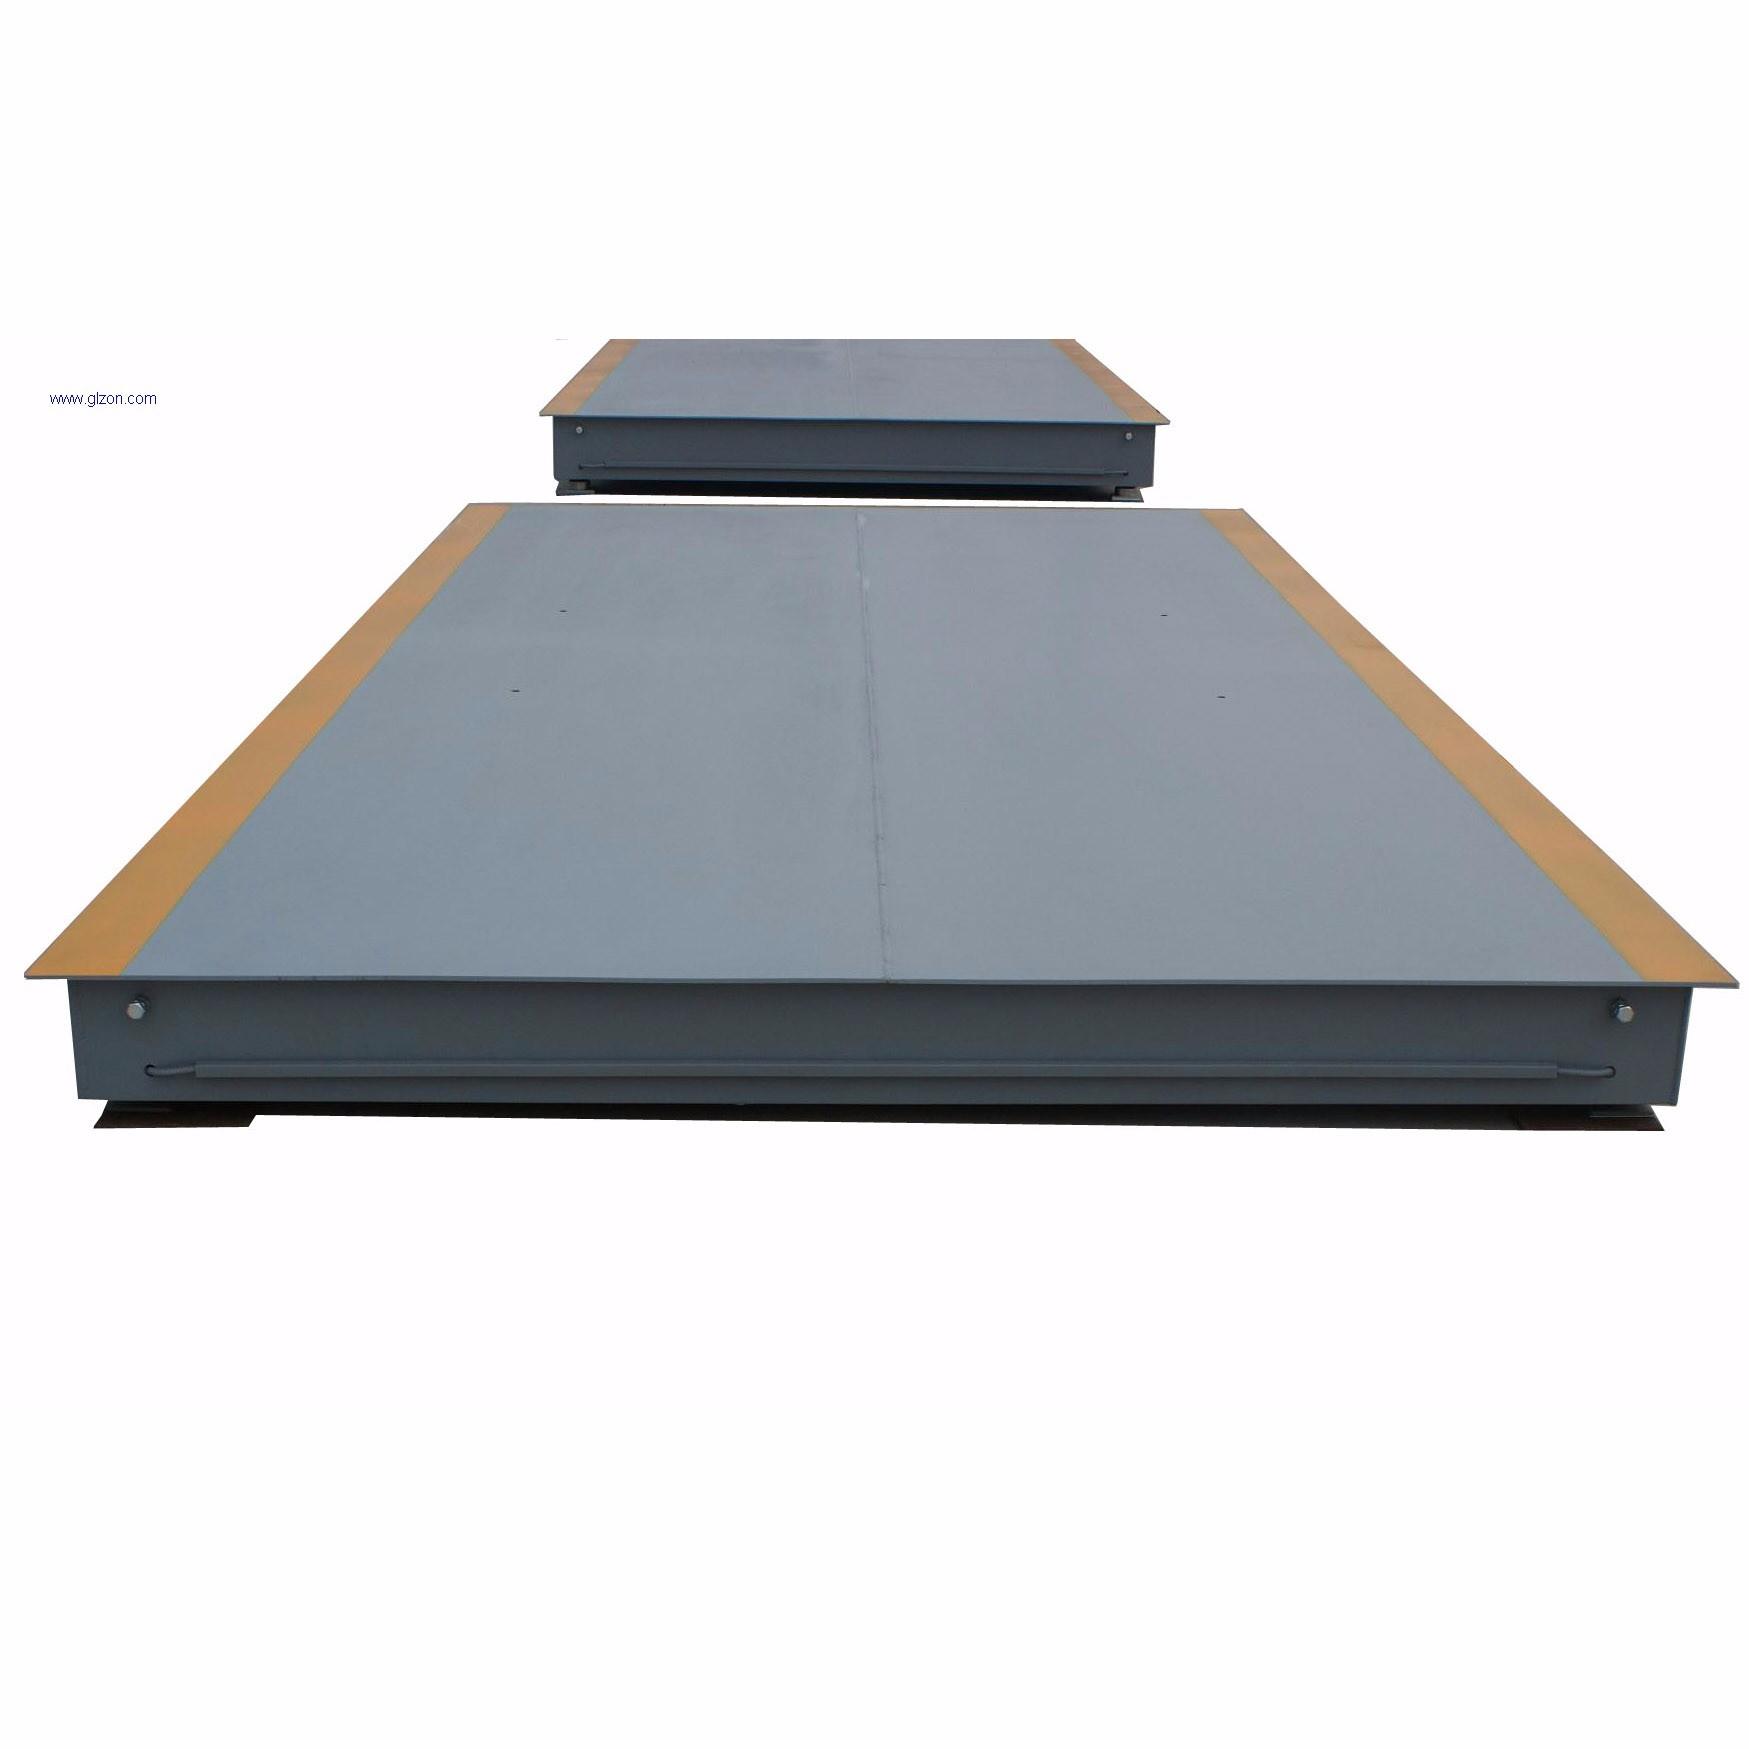 Large platform truck scale(5t-20t)